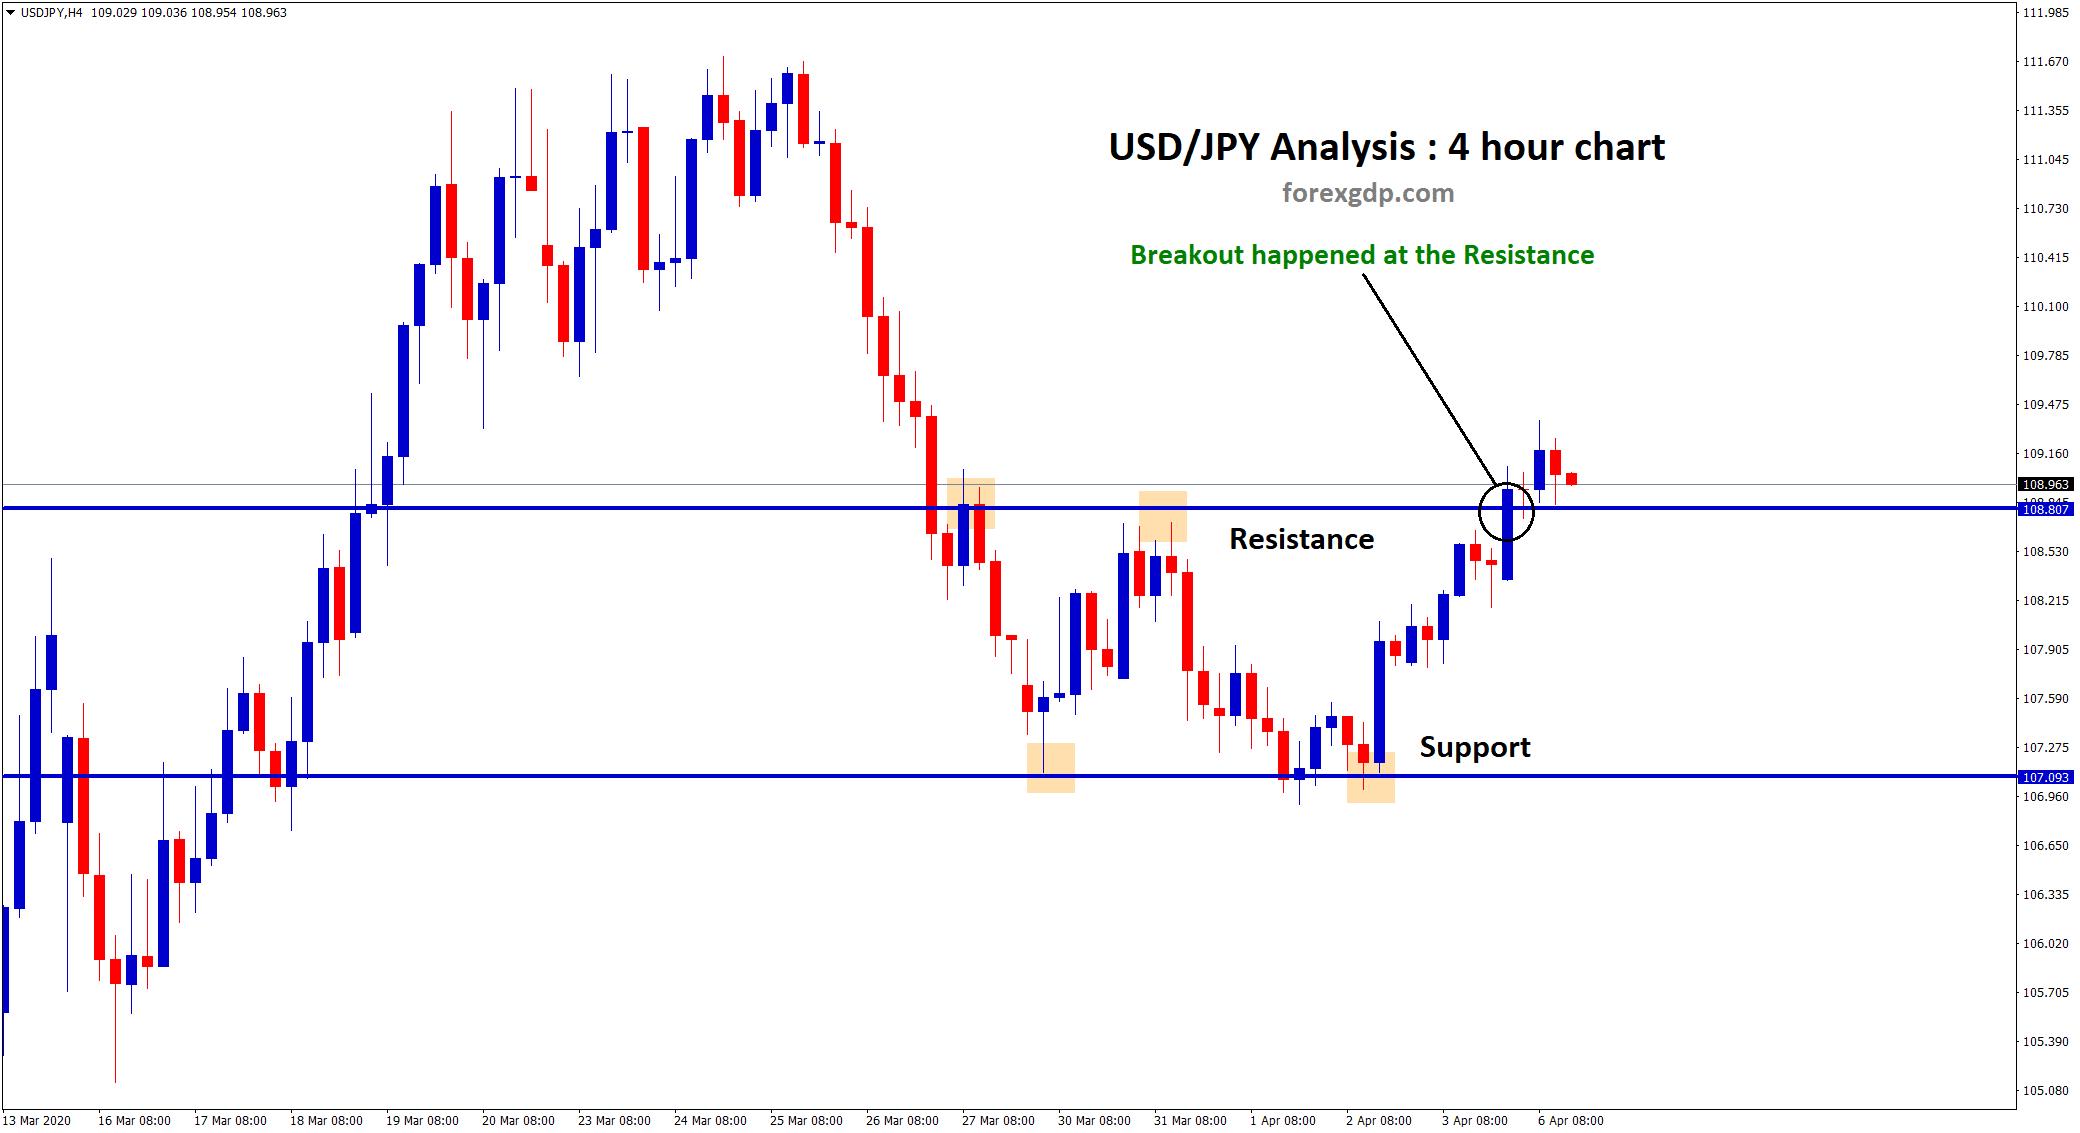 usdjpy chart analysis breakout in h4